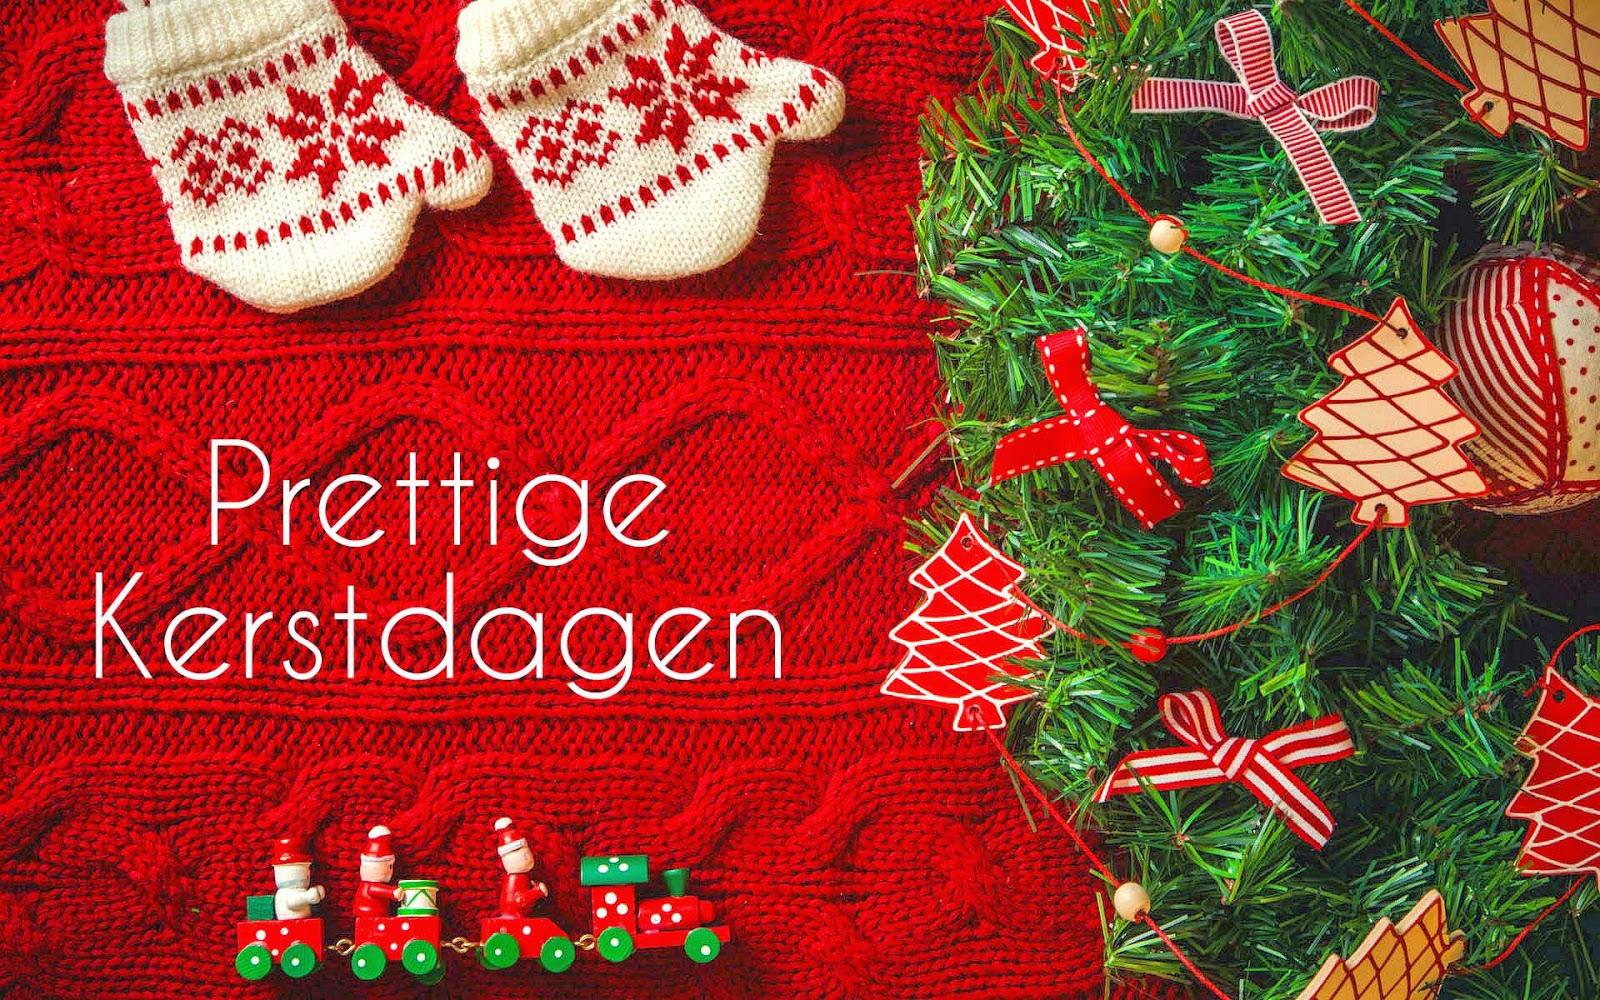 Kerstboom en de tekst prettige kerstdagen